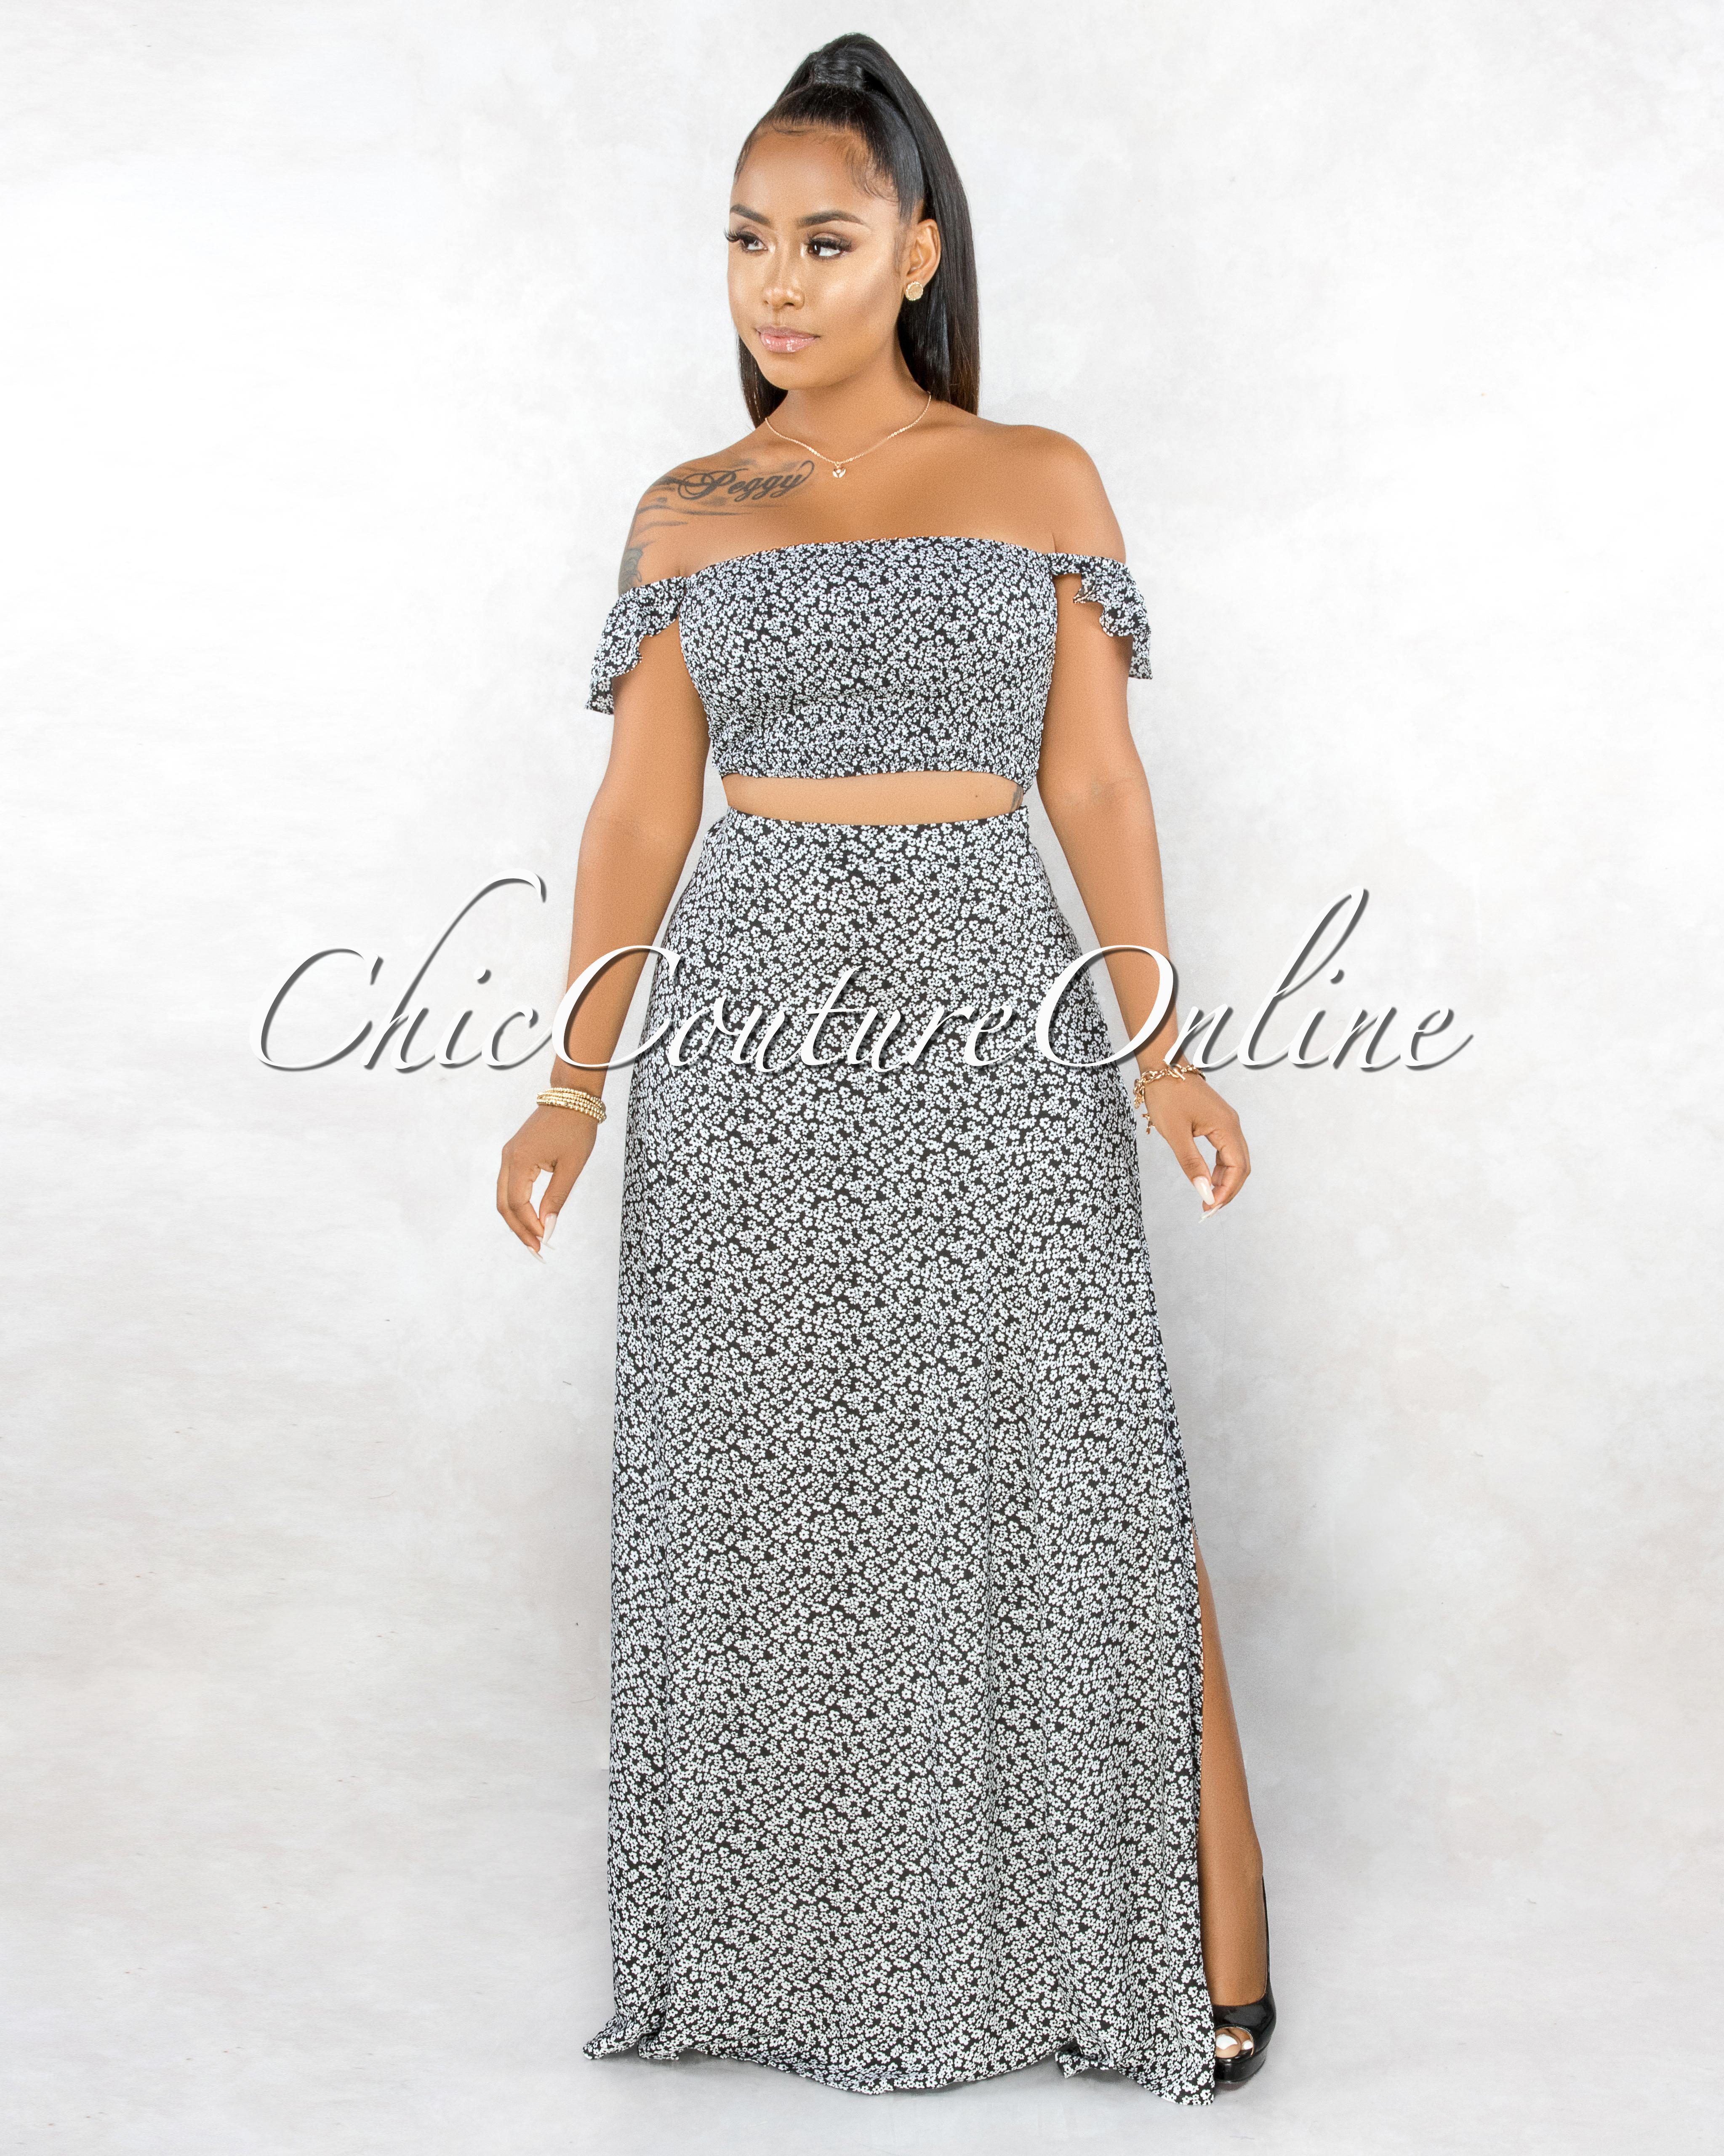 Naiser Black White Floral Print Smocked Top & Maxi Skirt Set